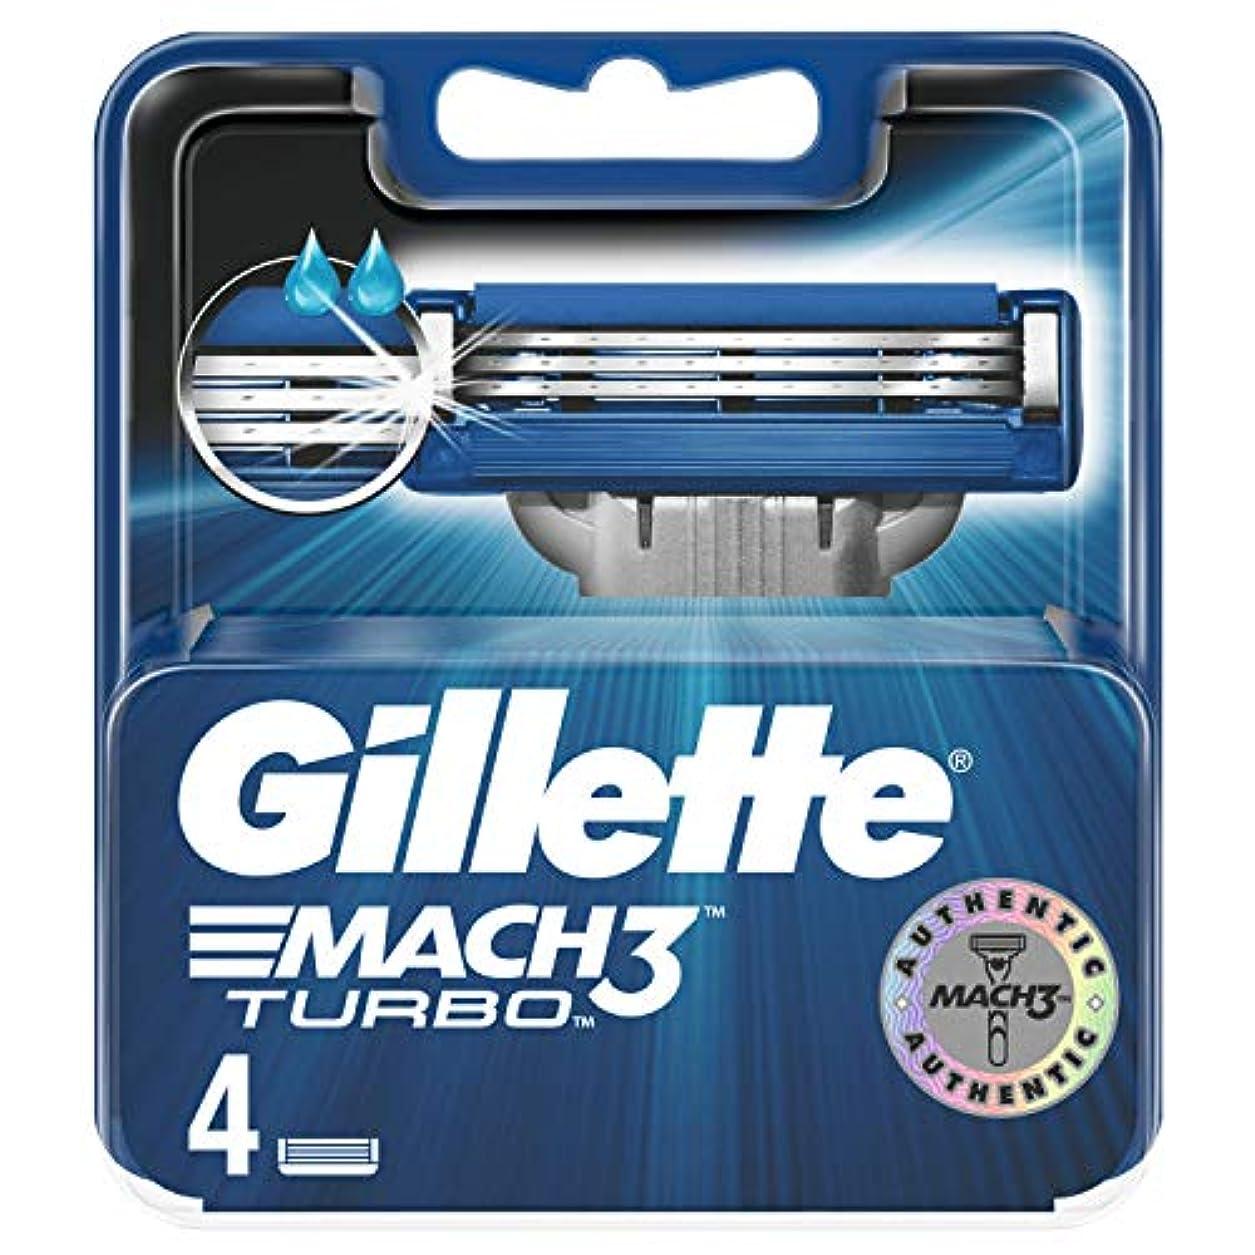 マイル理想的ショッピングセンターGillette Mach 3 Turbo Manual Razor Blades 4 pack